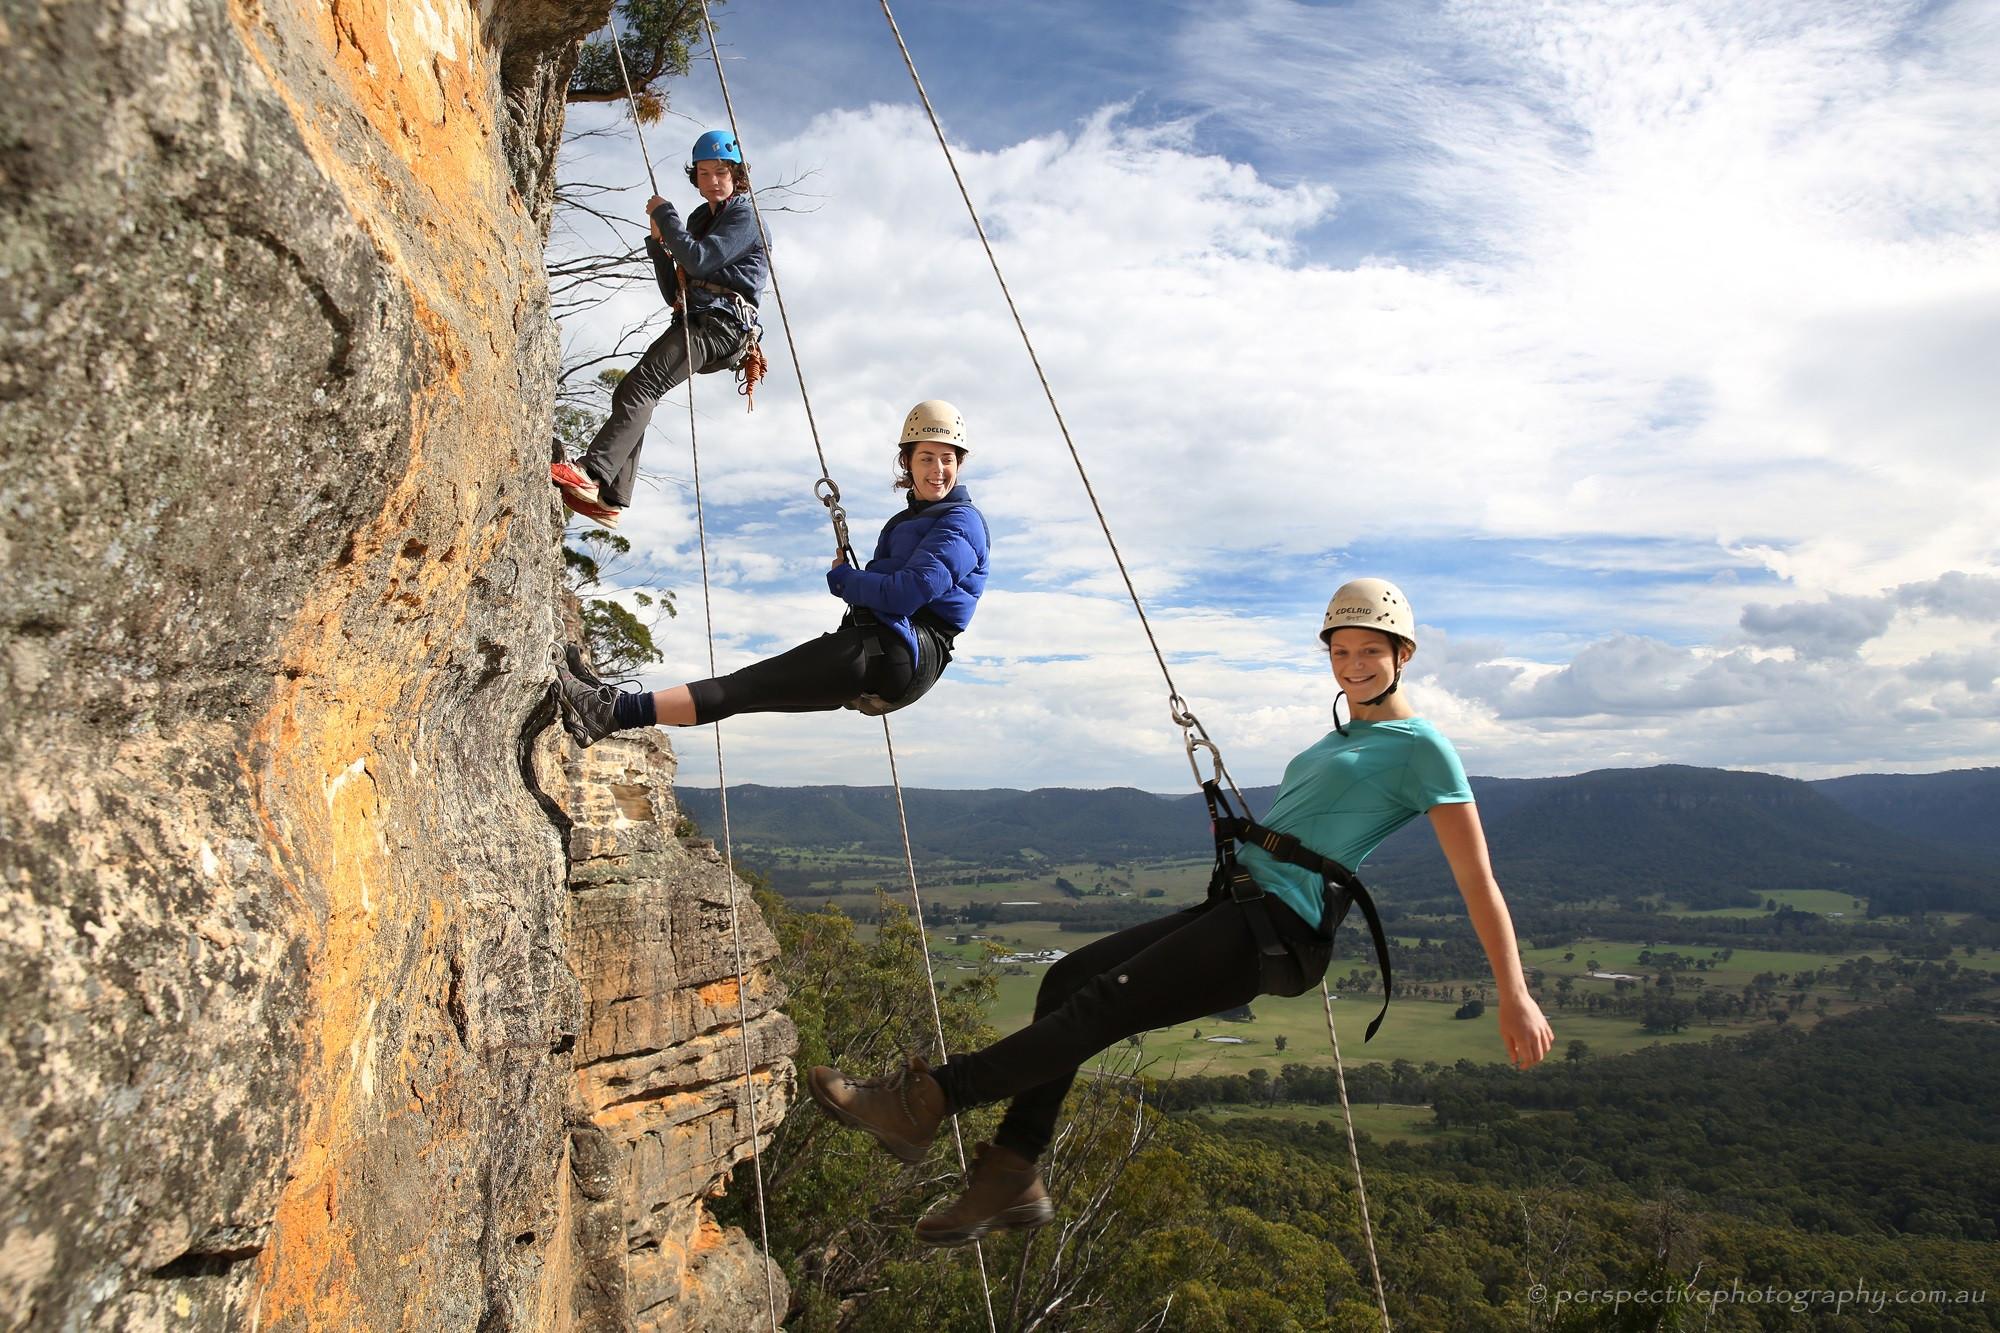 MIA Day Tour - Mount York Abseiling